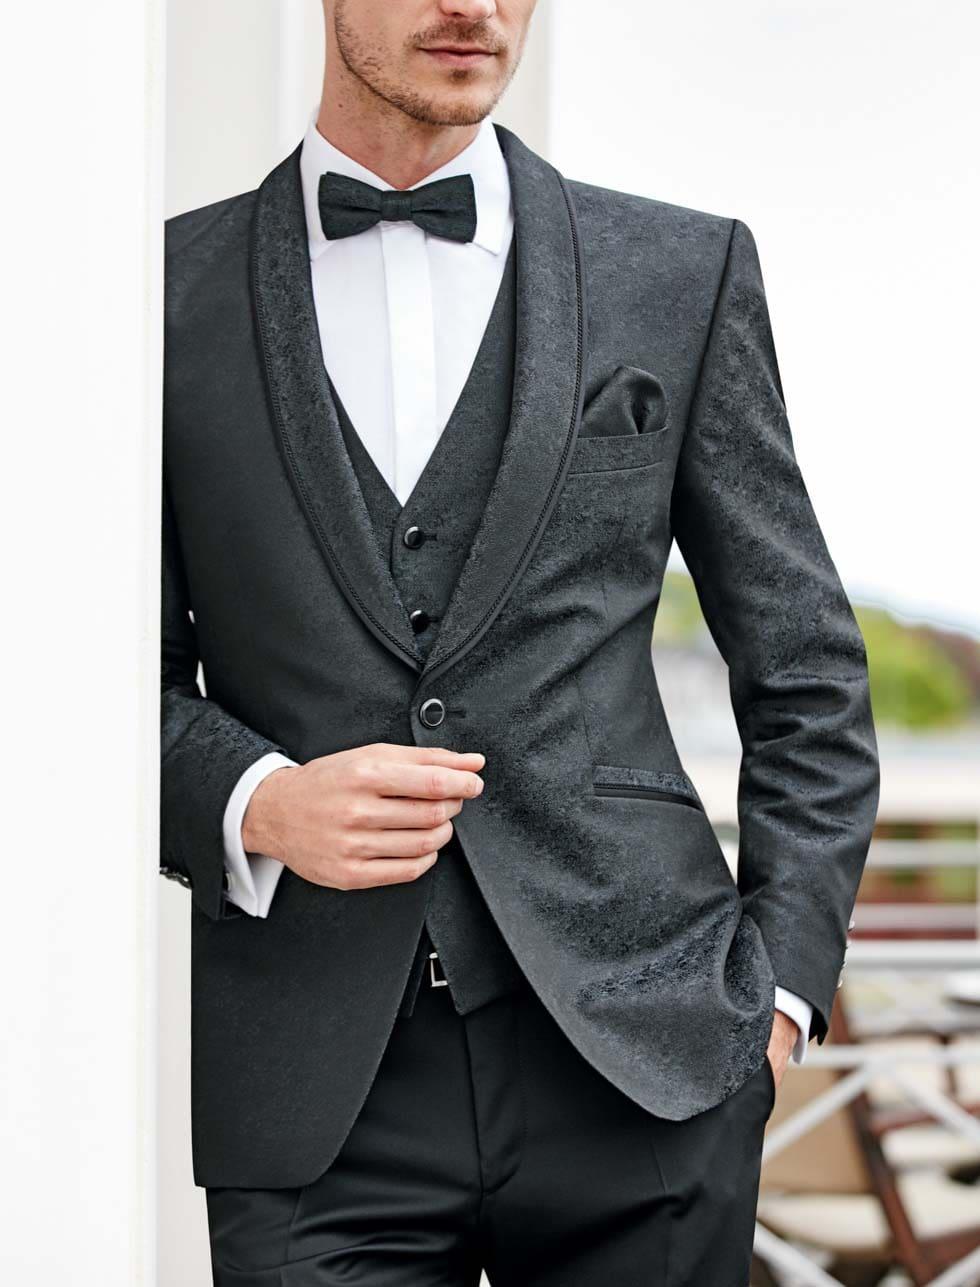 Hochzeitsanzug Herren schwarz